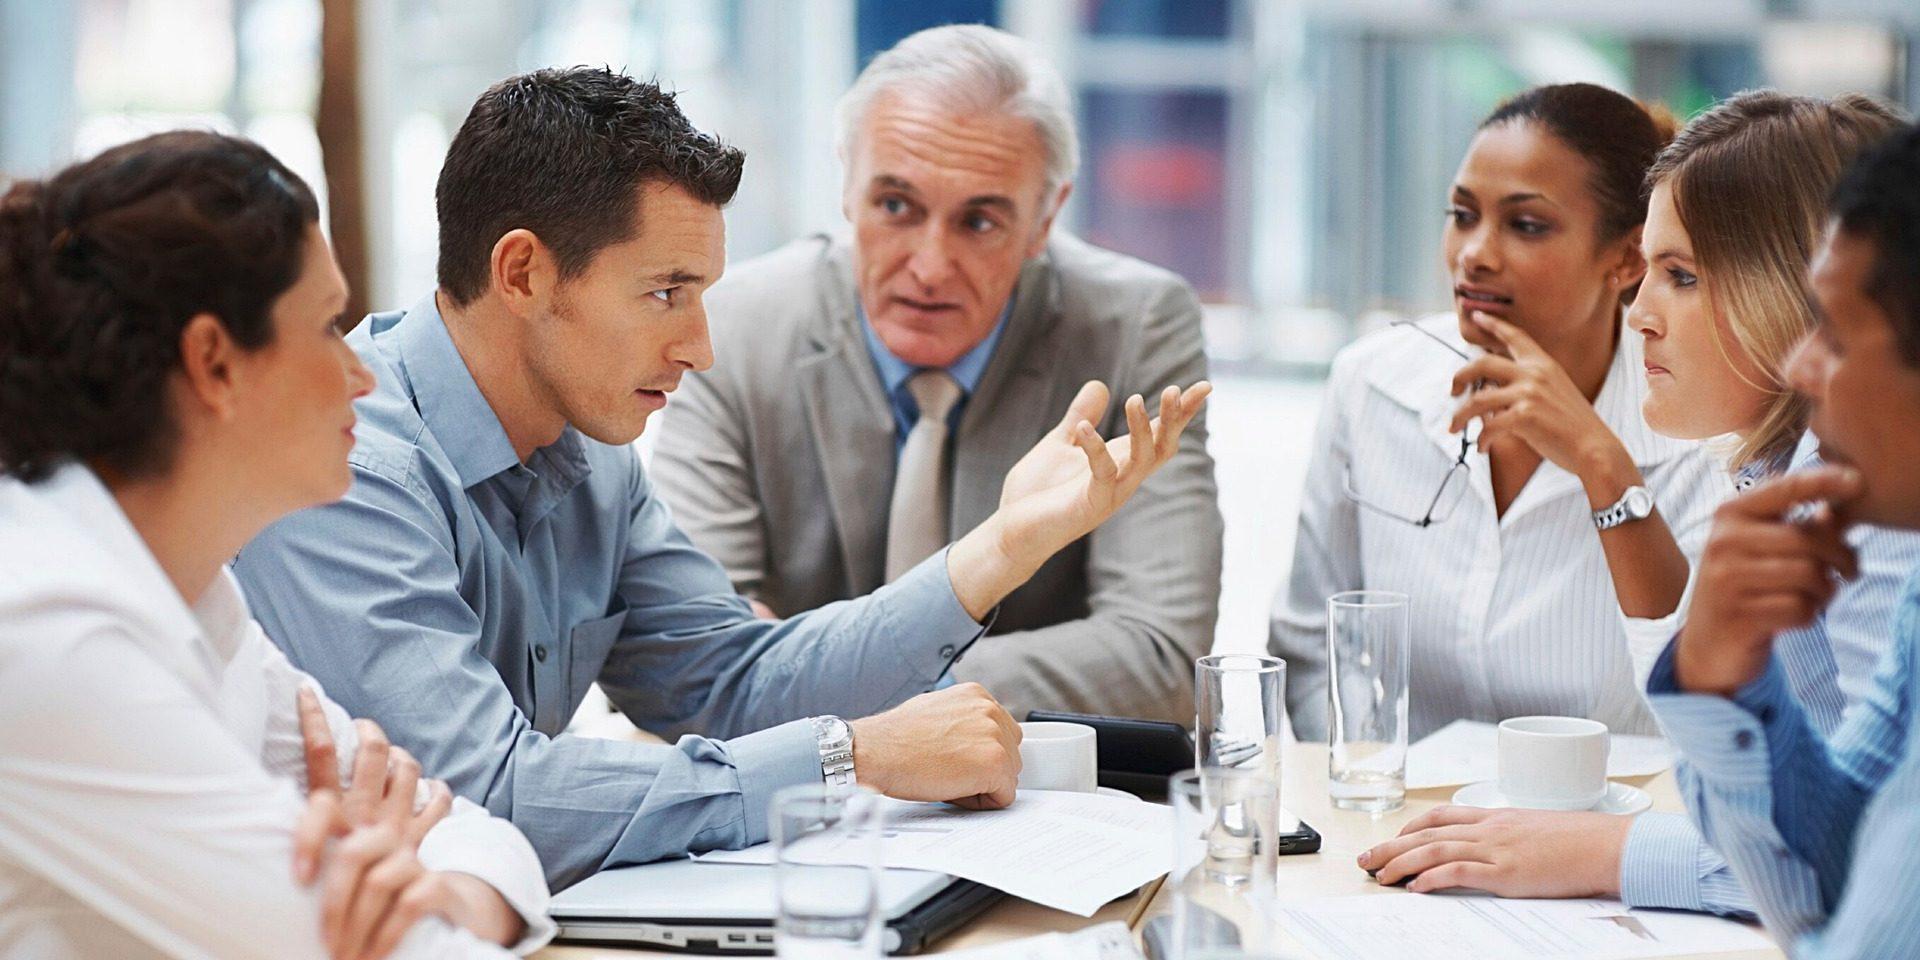 """Văn hóa doanh nghiệp giúp tăng doanh thu 200% – """"Mơ"""" hay thật?"""